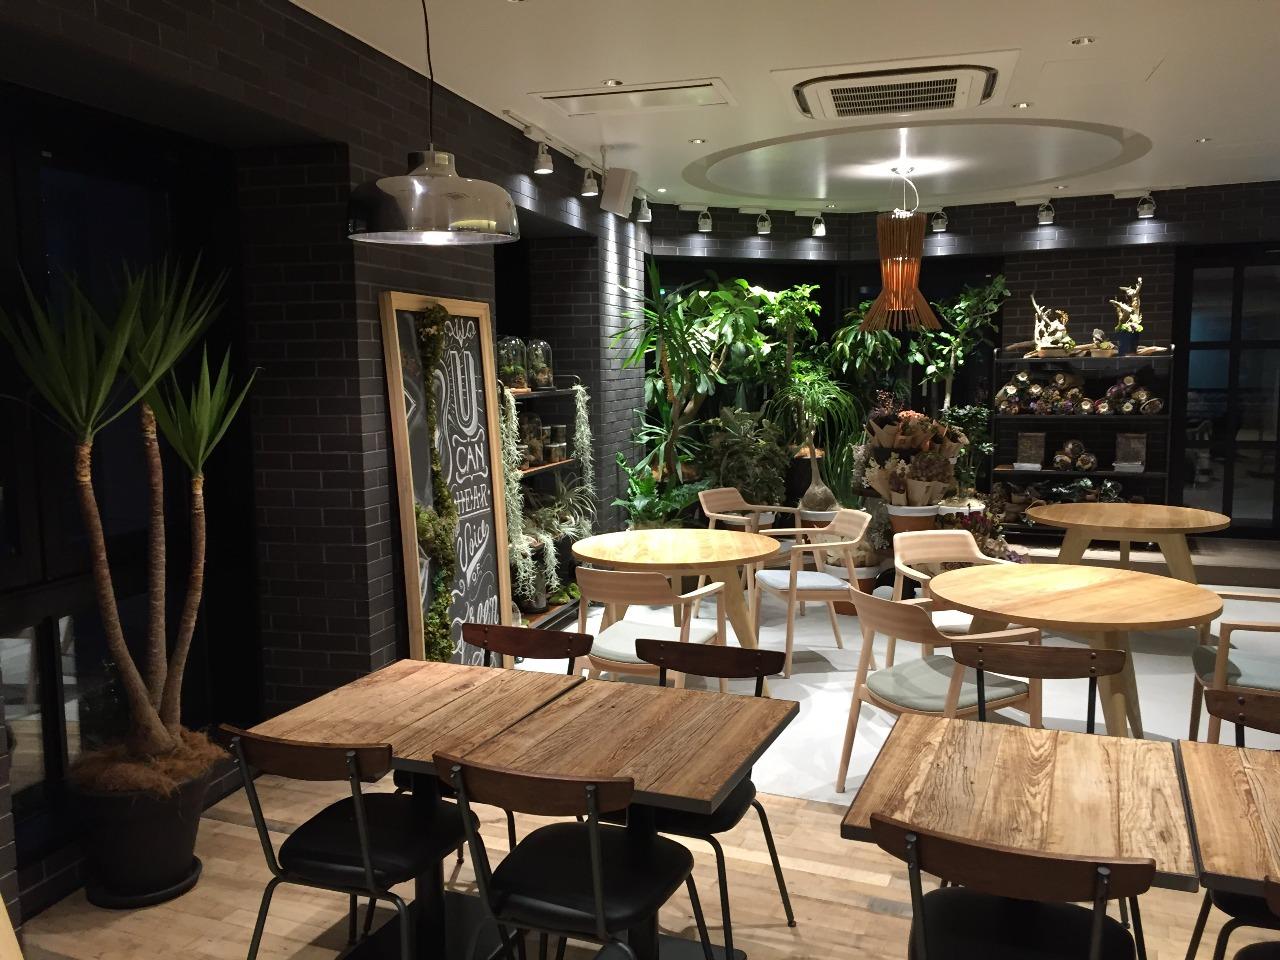 ホテルエディット横濱 ラグー&ウイスキーハウス会場写真 2